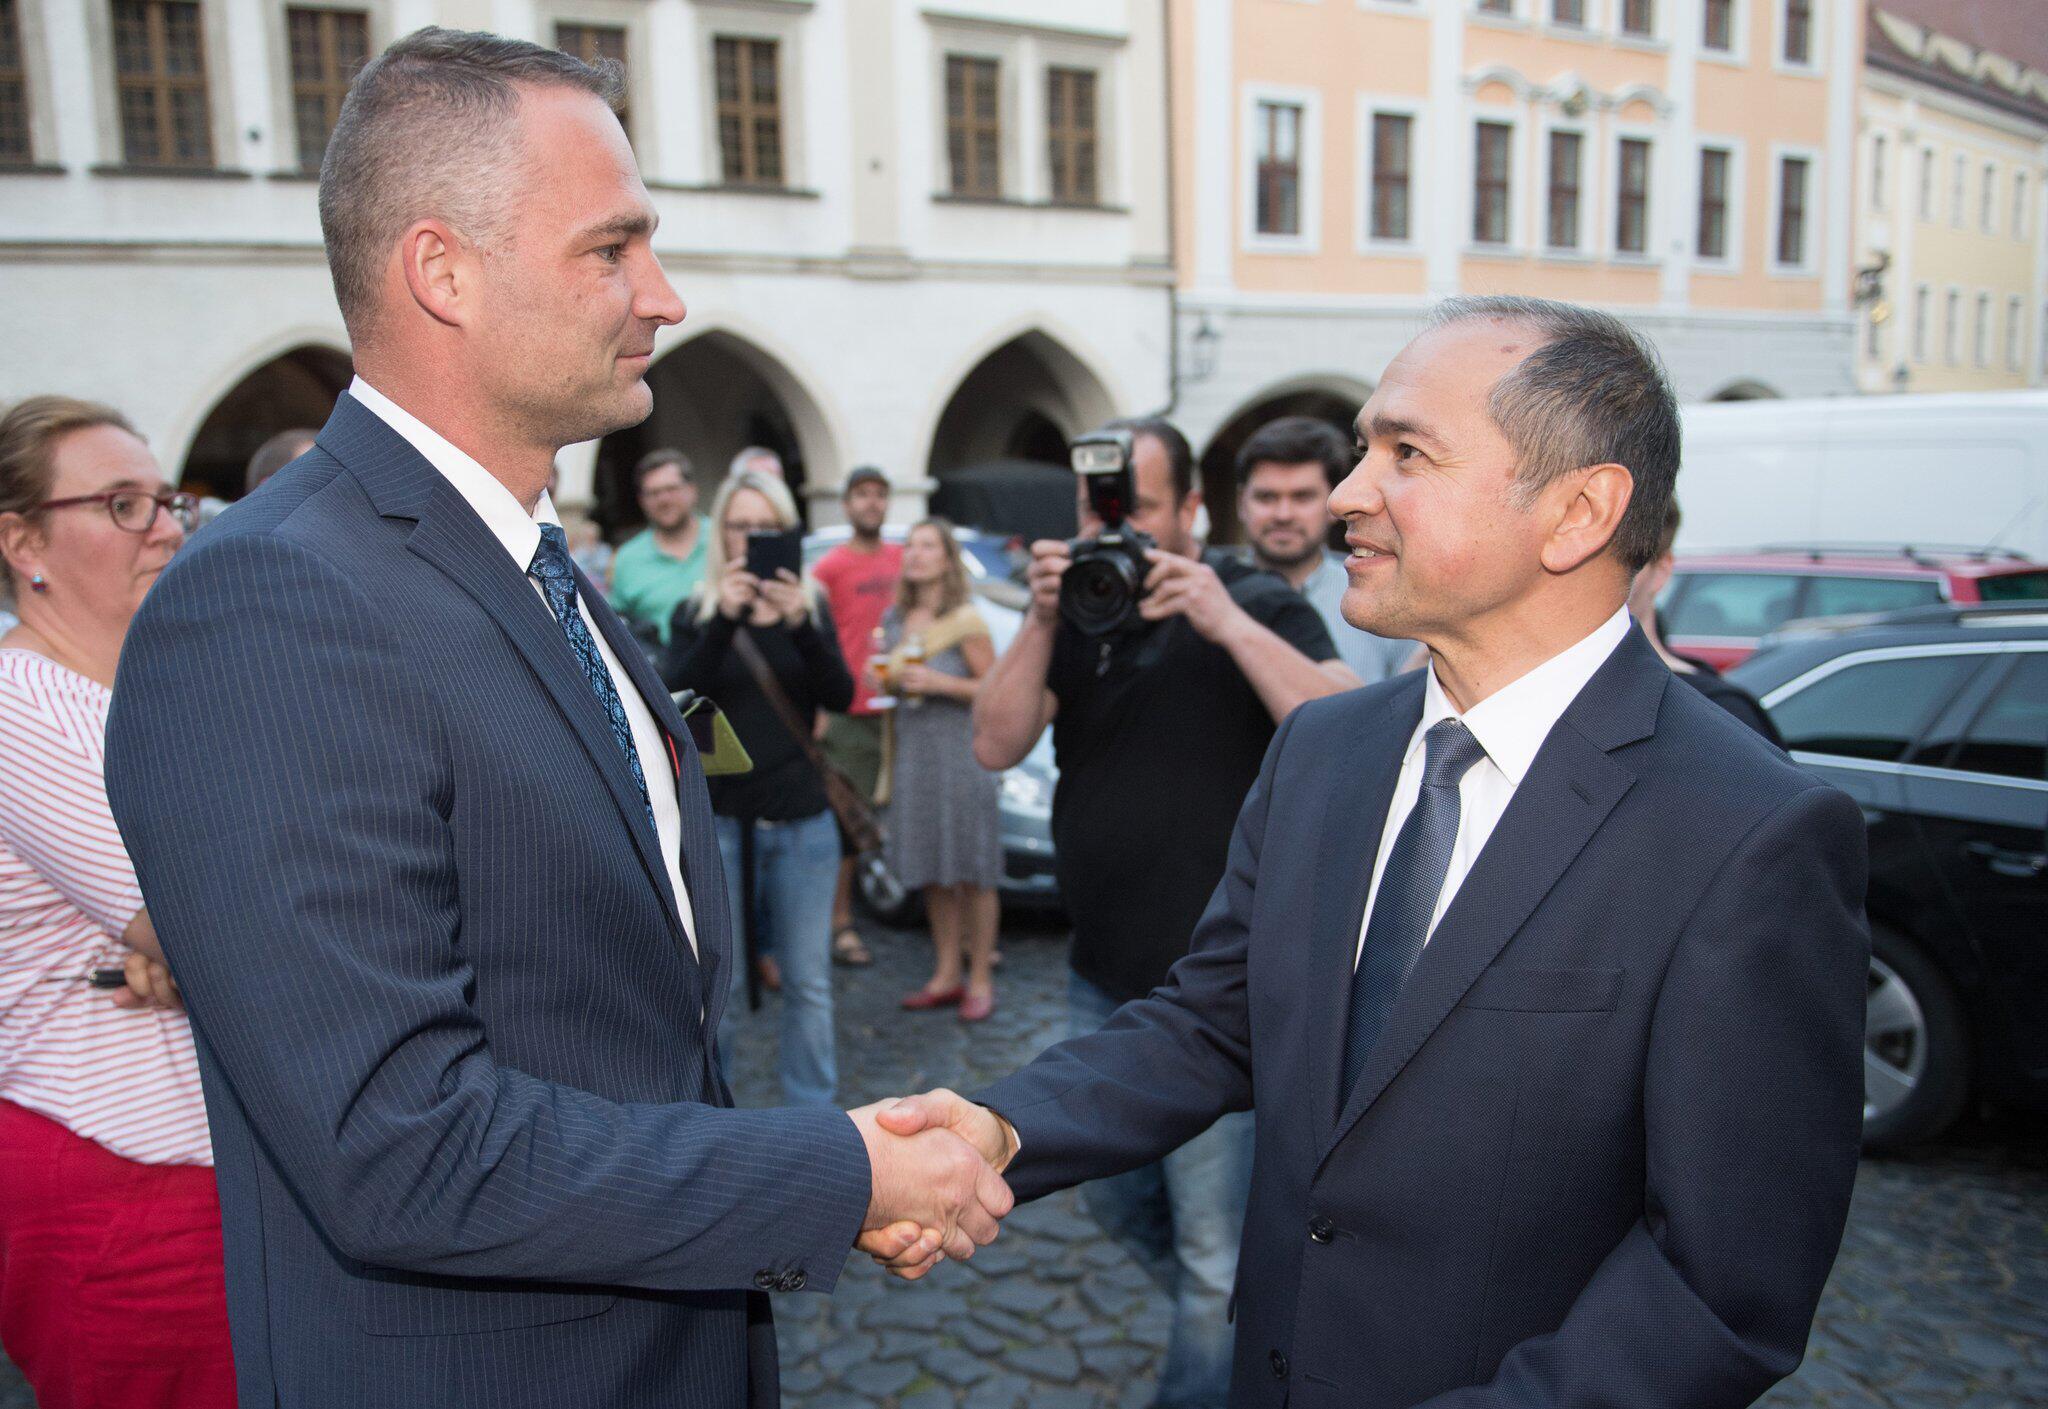 Bild zu Zweiter Wahlgang Oberbürgermeisterwahl in Görlitz